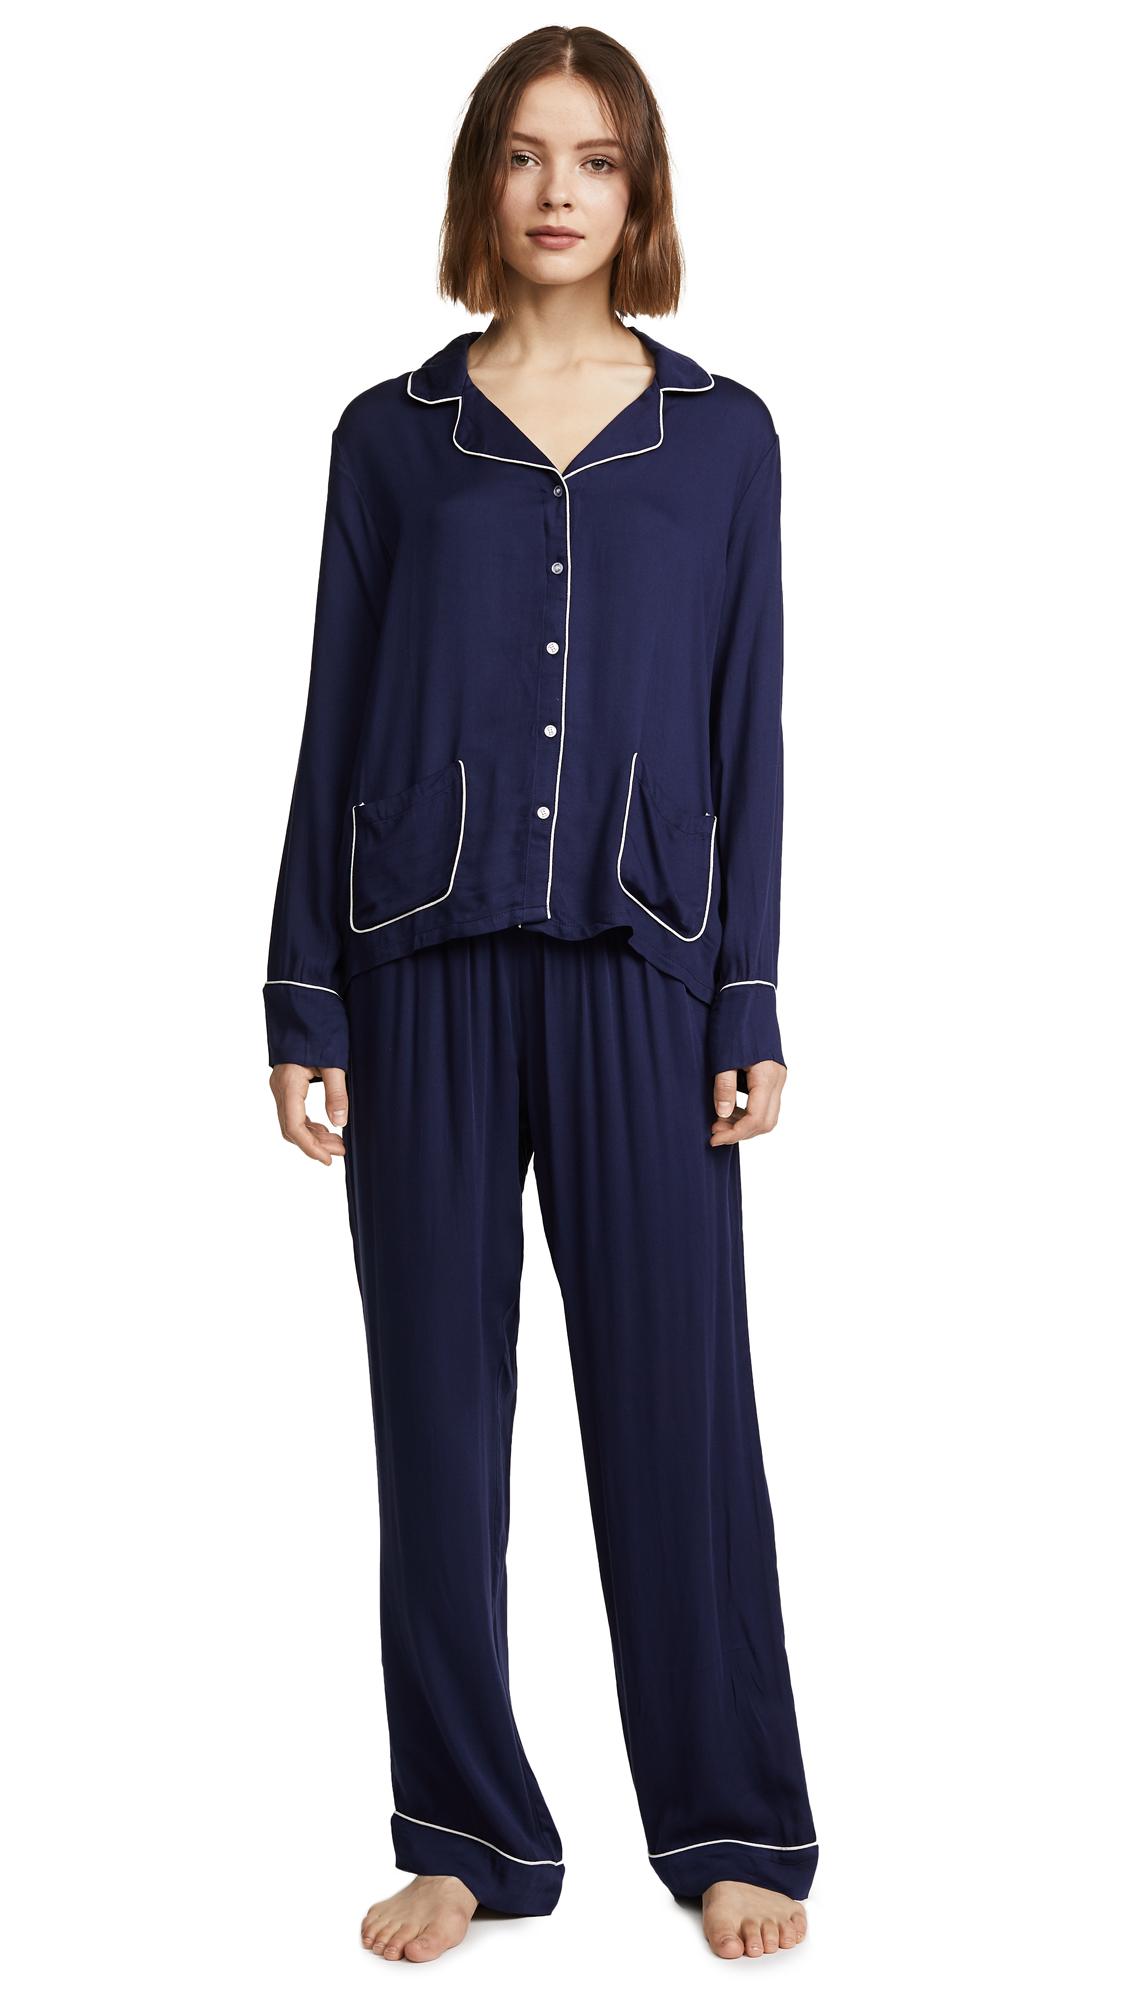 Splendid Woven PJ Set - Midnight Navy